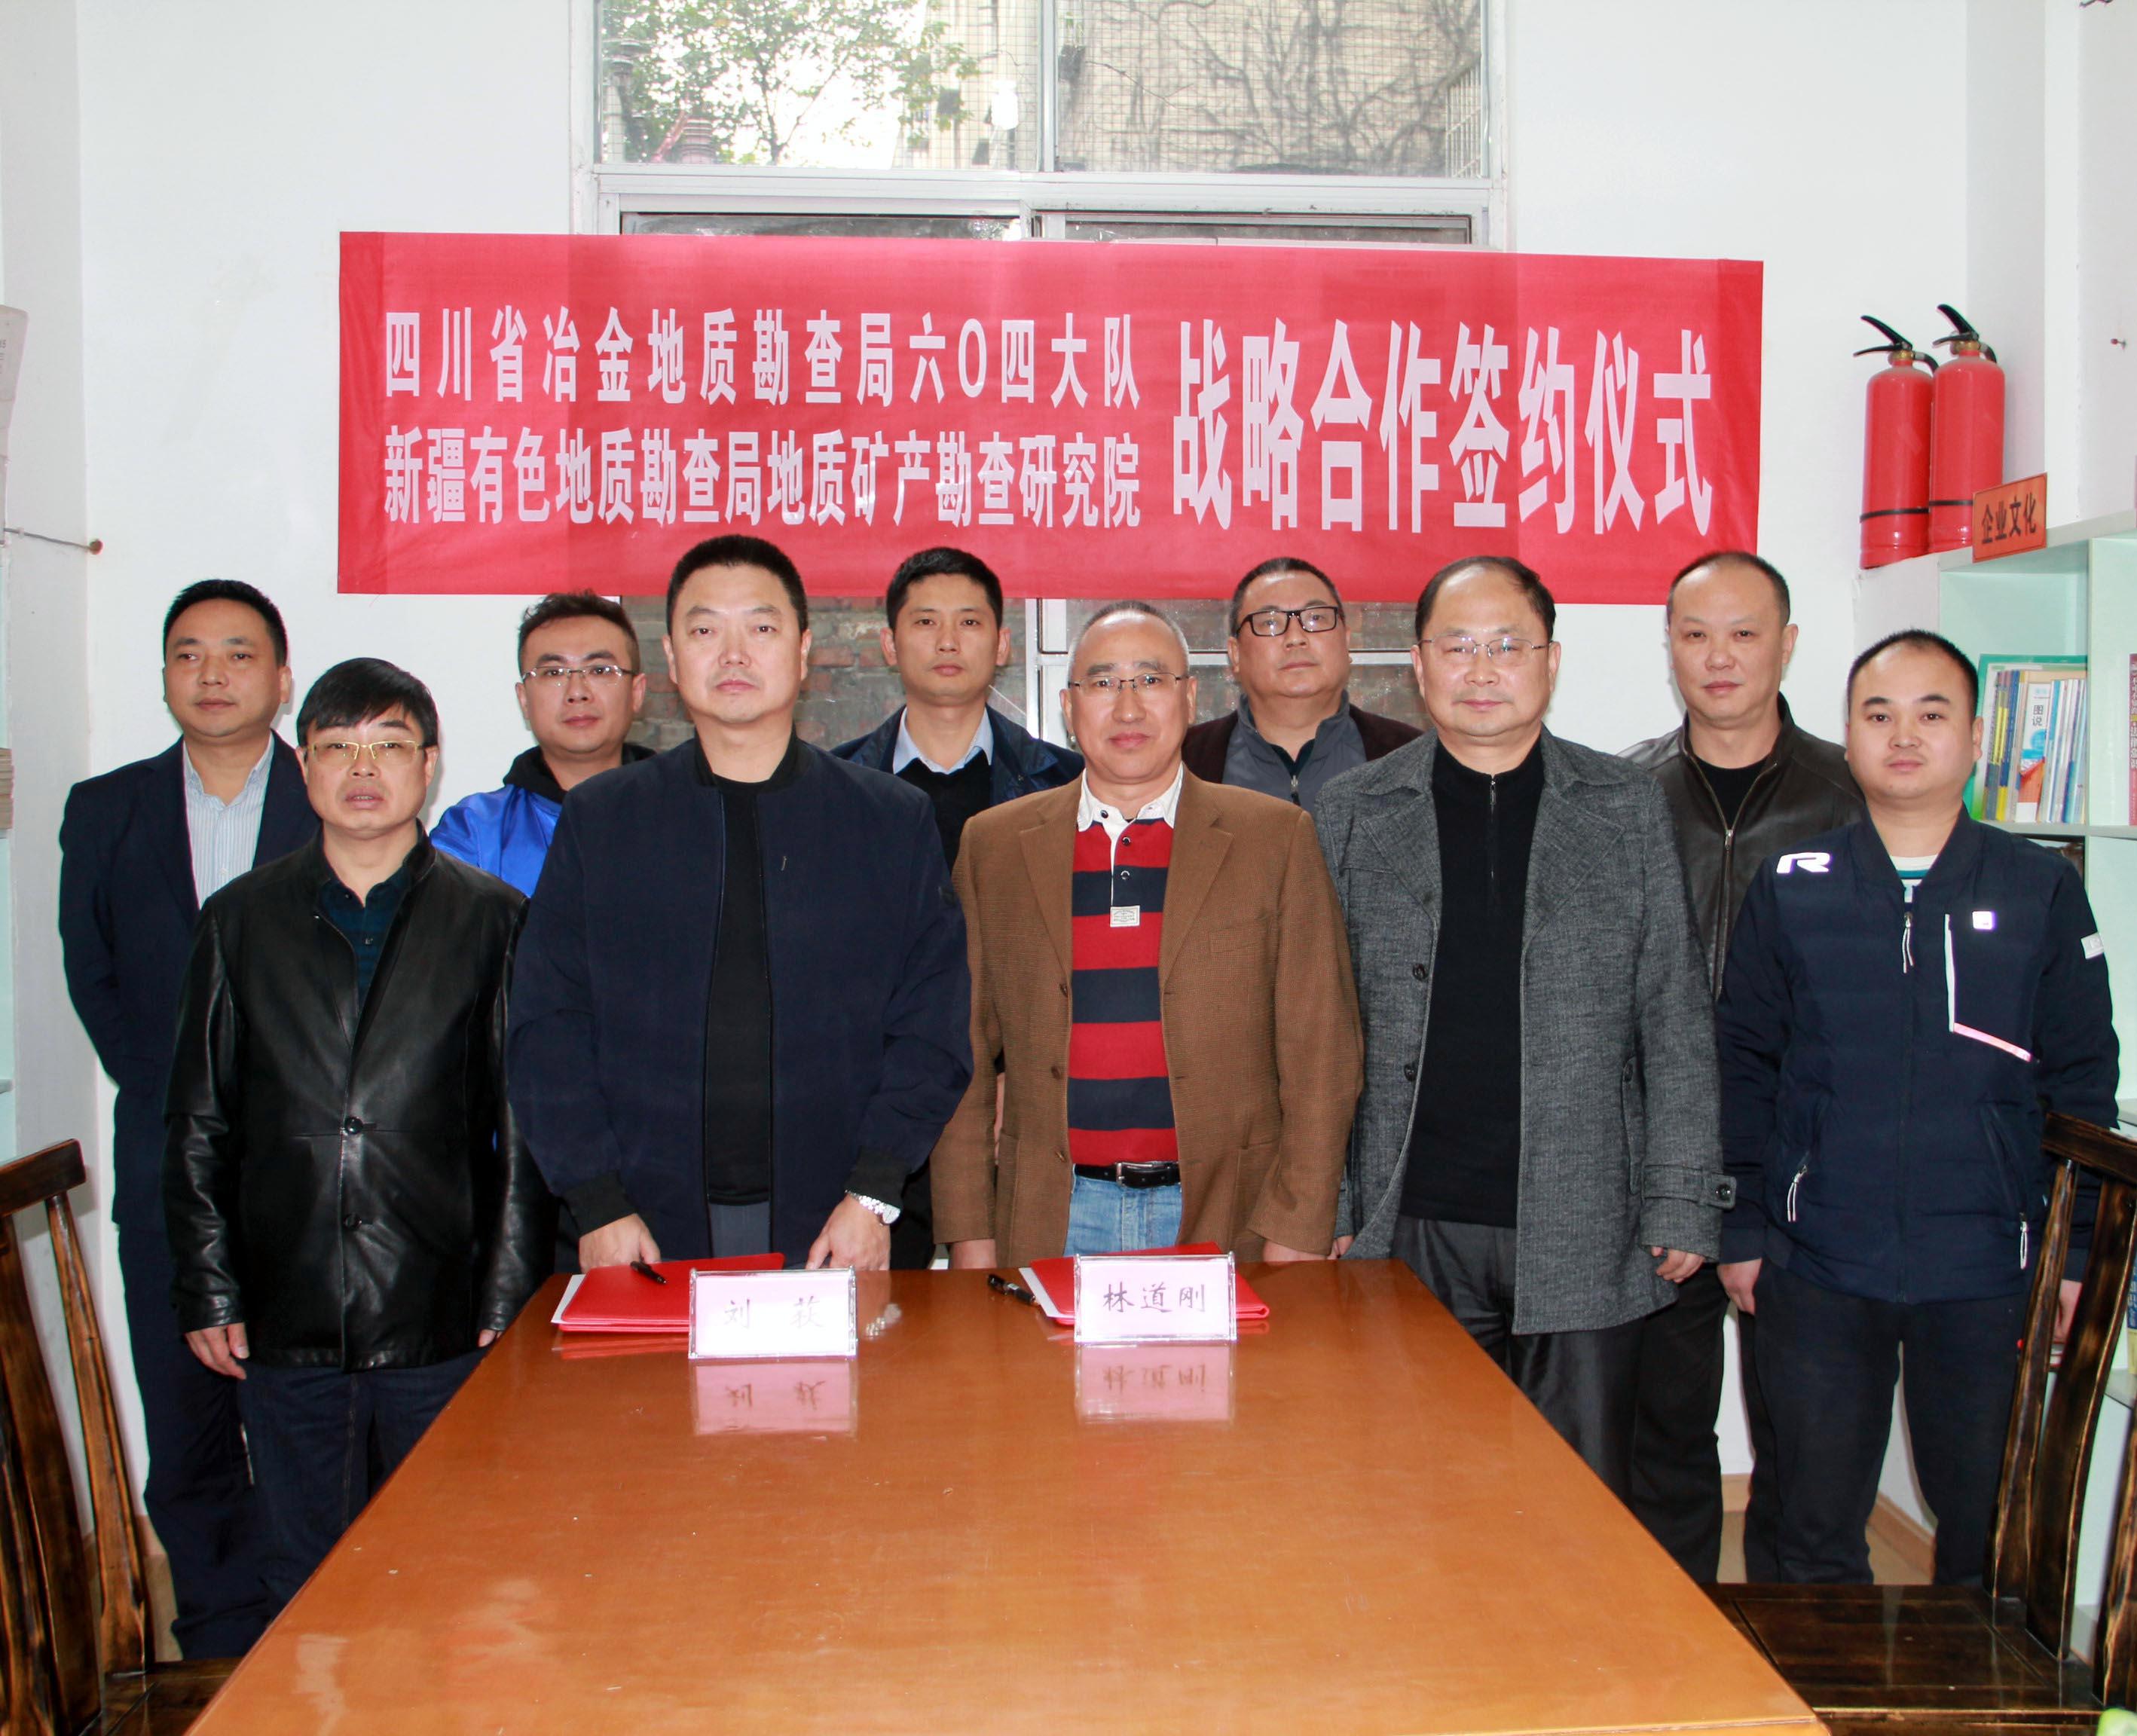 与新疆有色矿产勘查局地质矿产勘查研究院签订战略合作协议